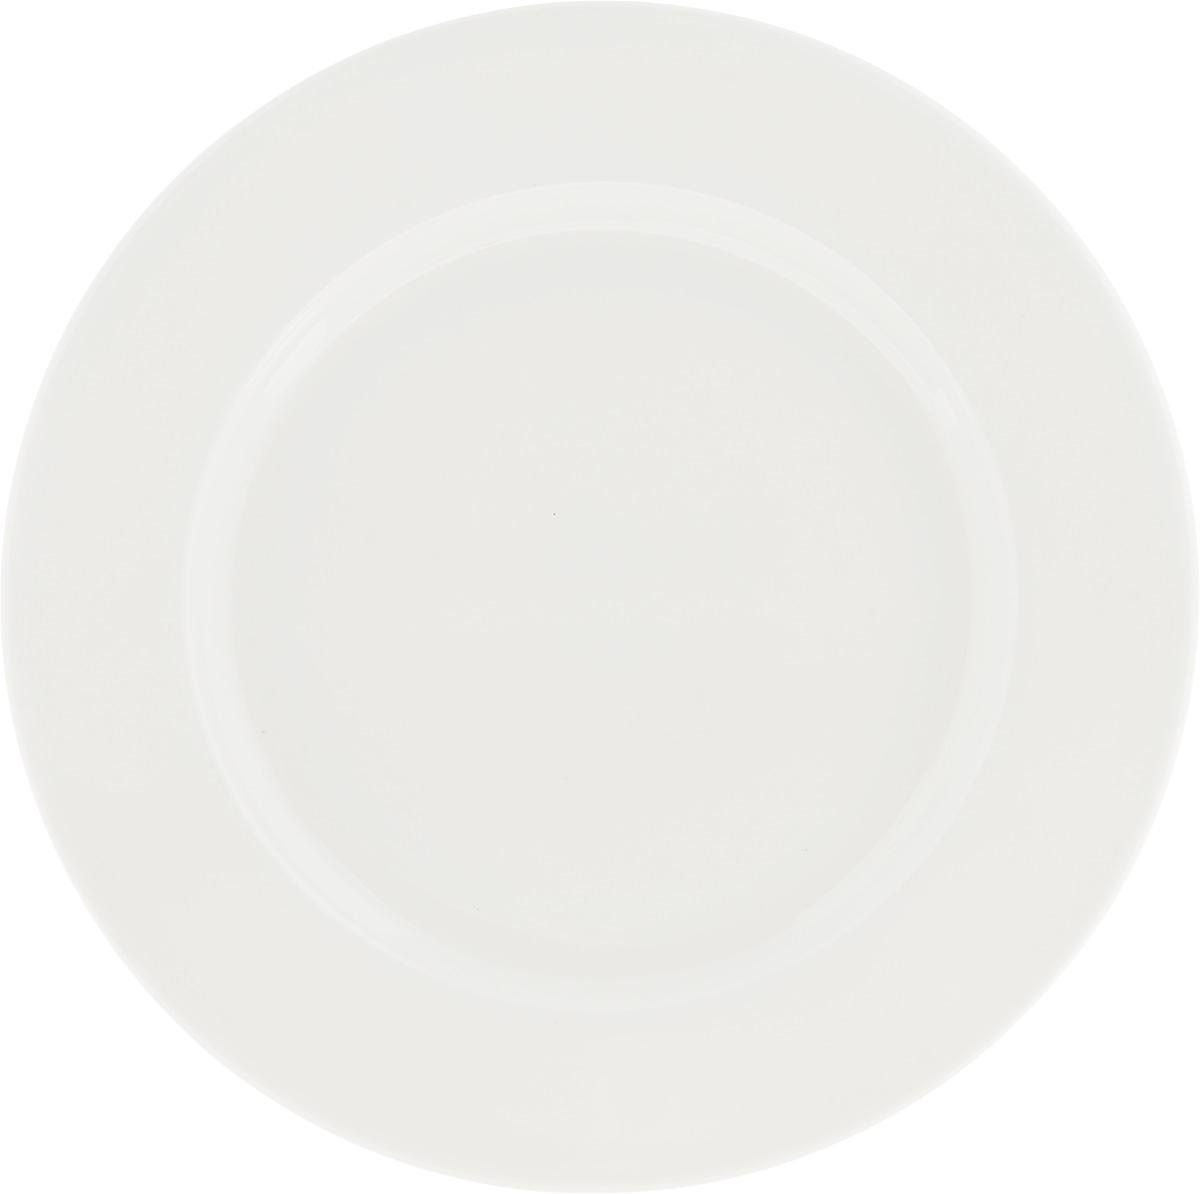 Тарелка Ariane Прайм, диаметр 19 см тарелка ariane джульет 19 х 19 см